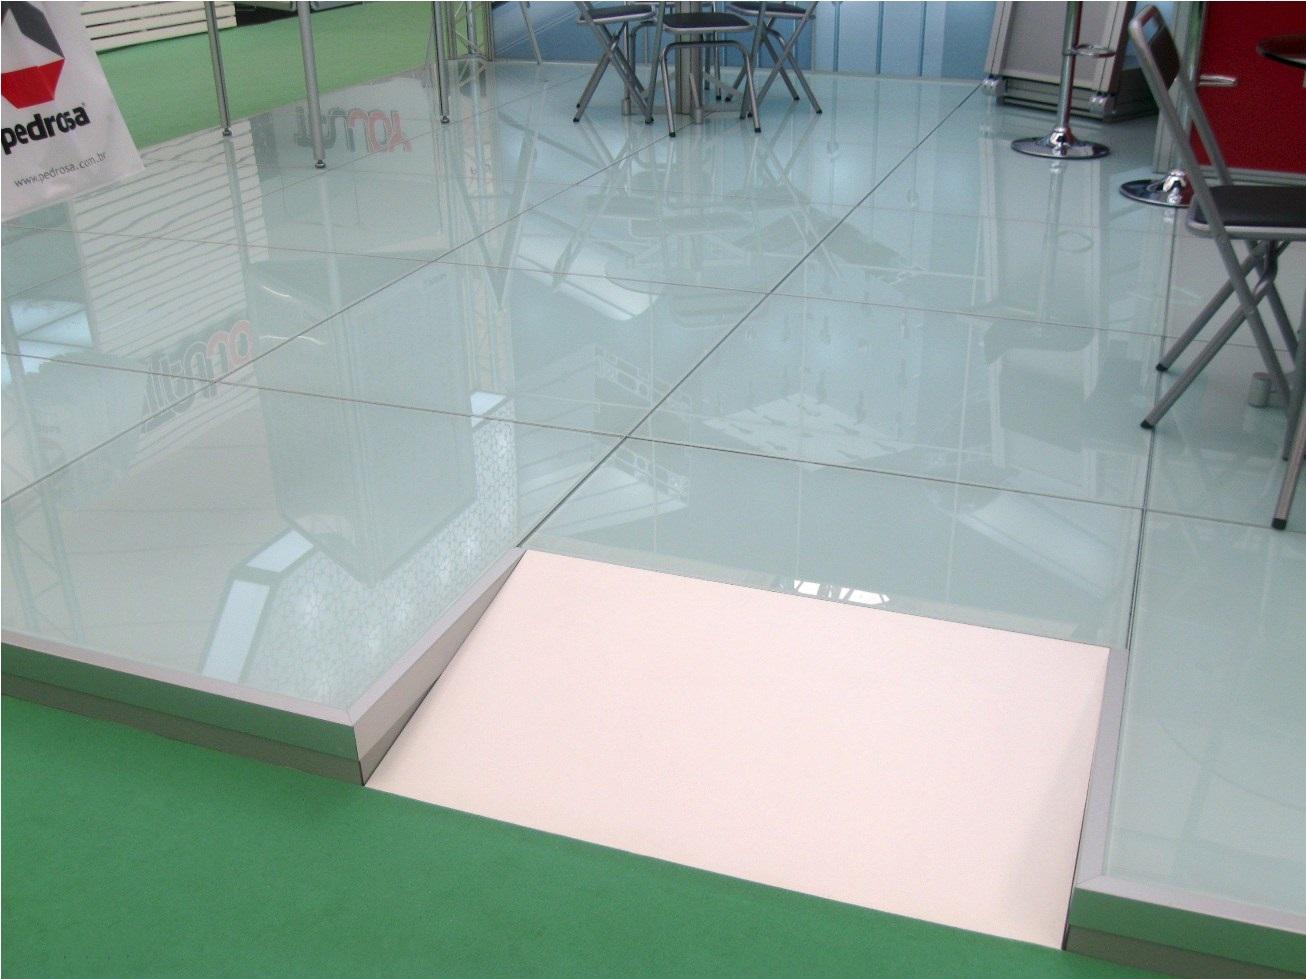 Piso elevado com vidro adesivado em estrutura montada com perfis de alumínio com regulagem de altura e com rampa de acesso. Ideal para stands, lojas, quiosques em shopping e aeroportos e outros ambientes comerciais.